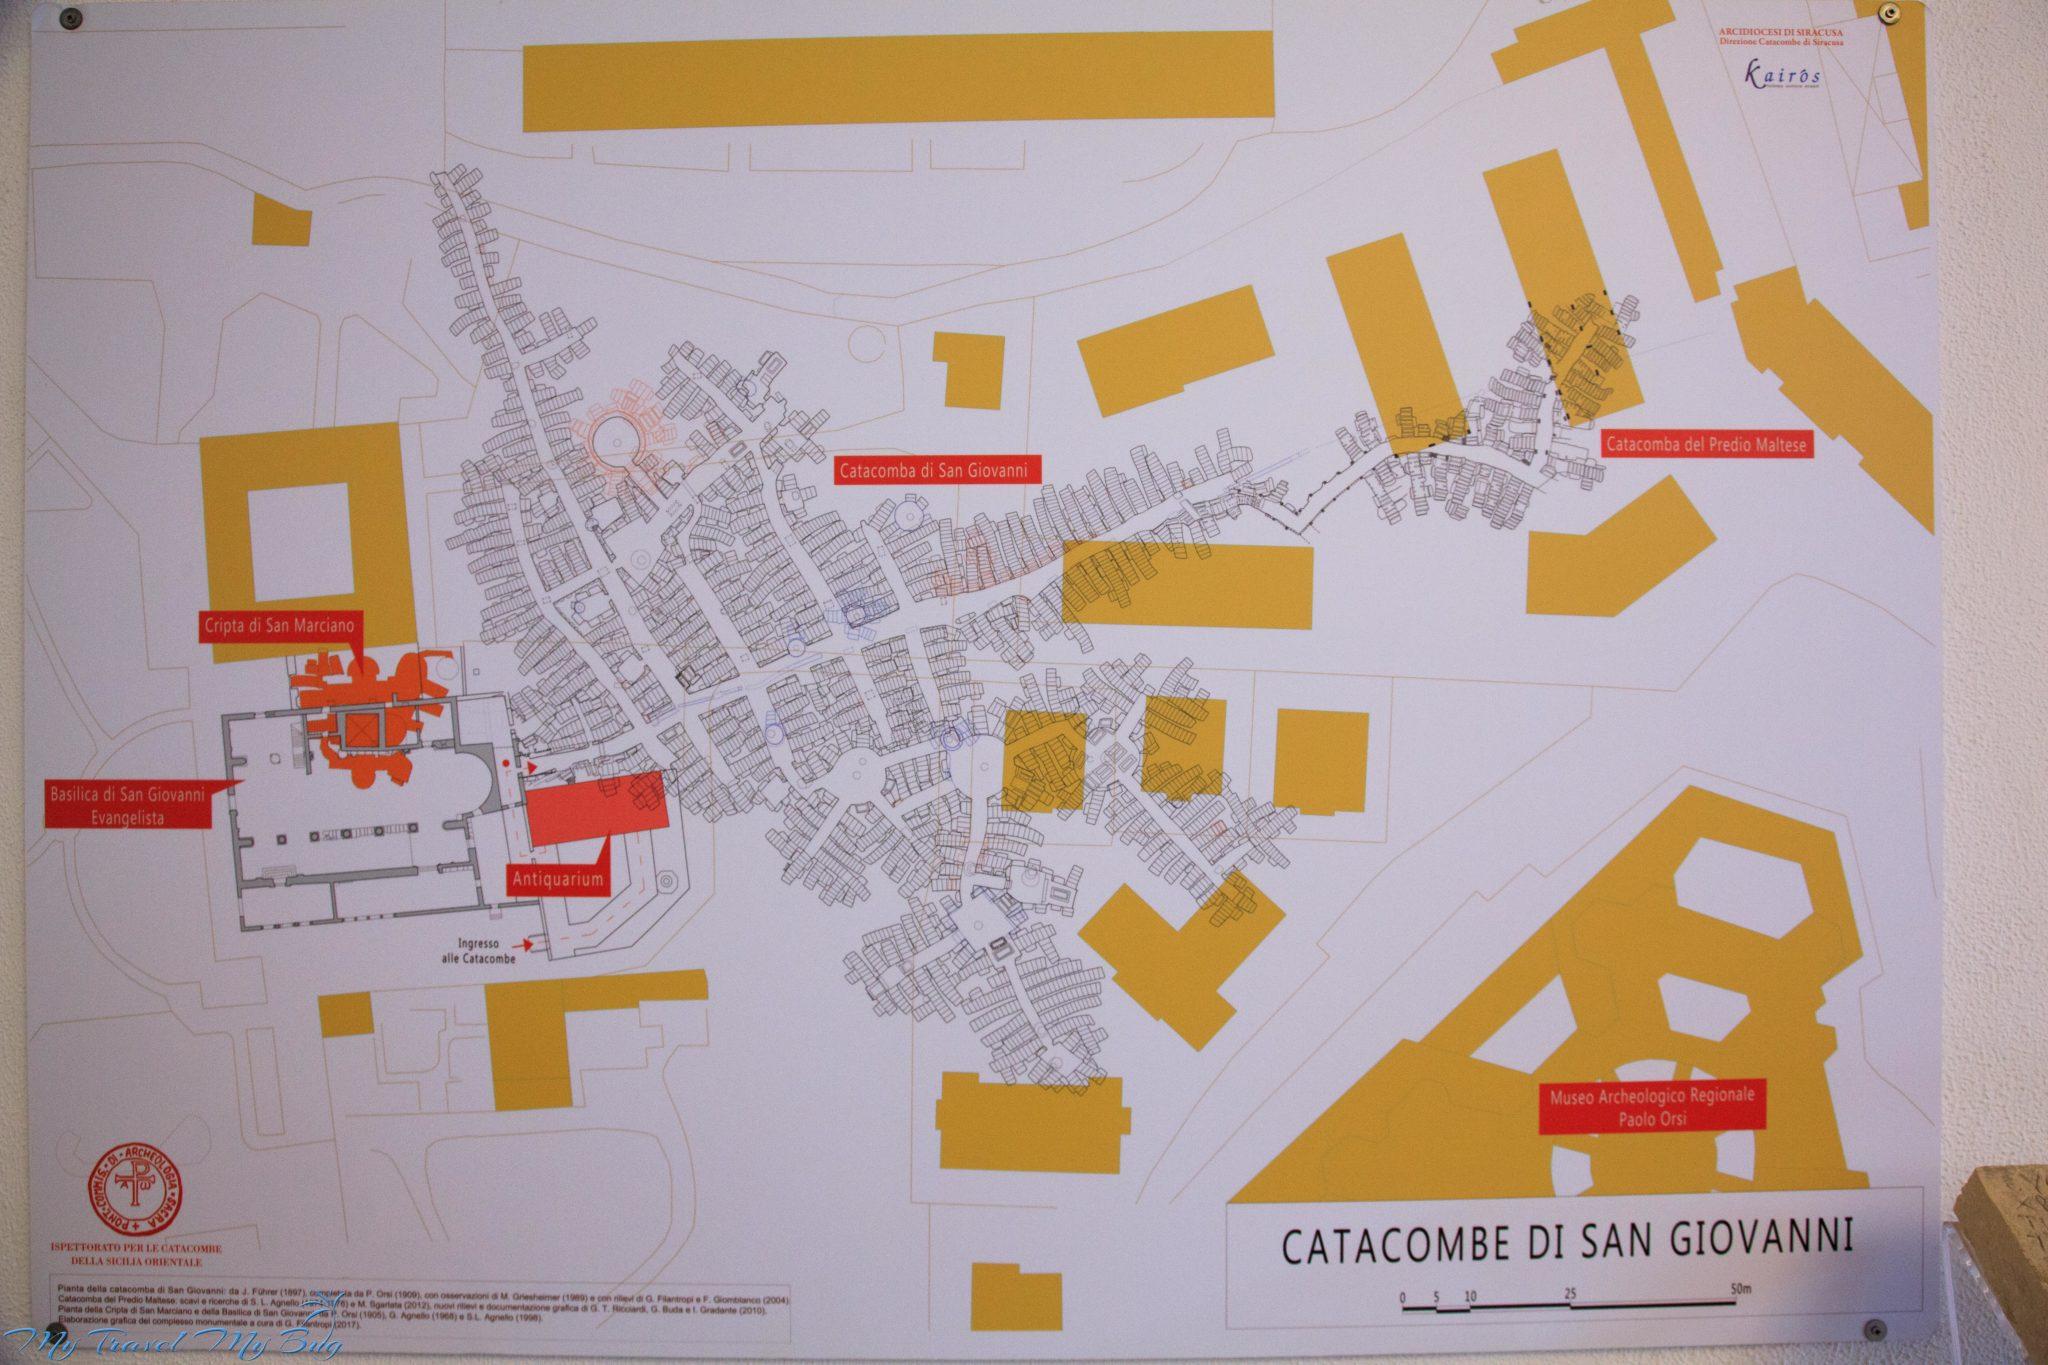 Katakumby San Giovani